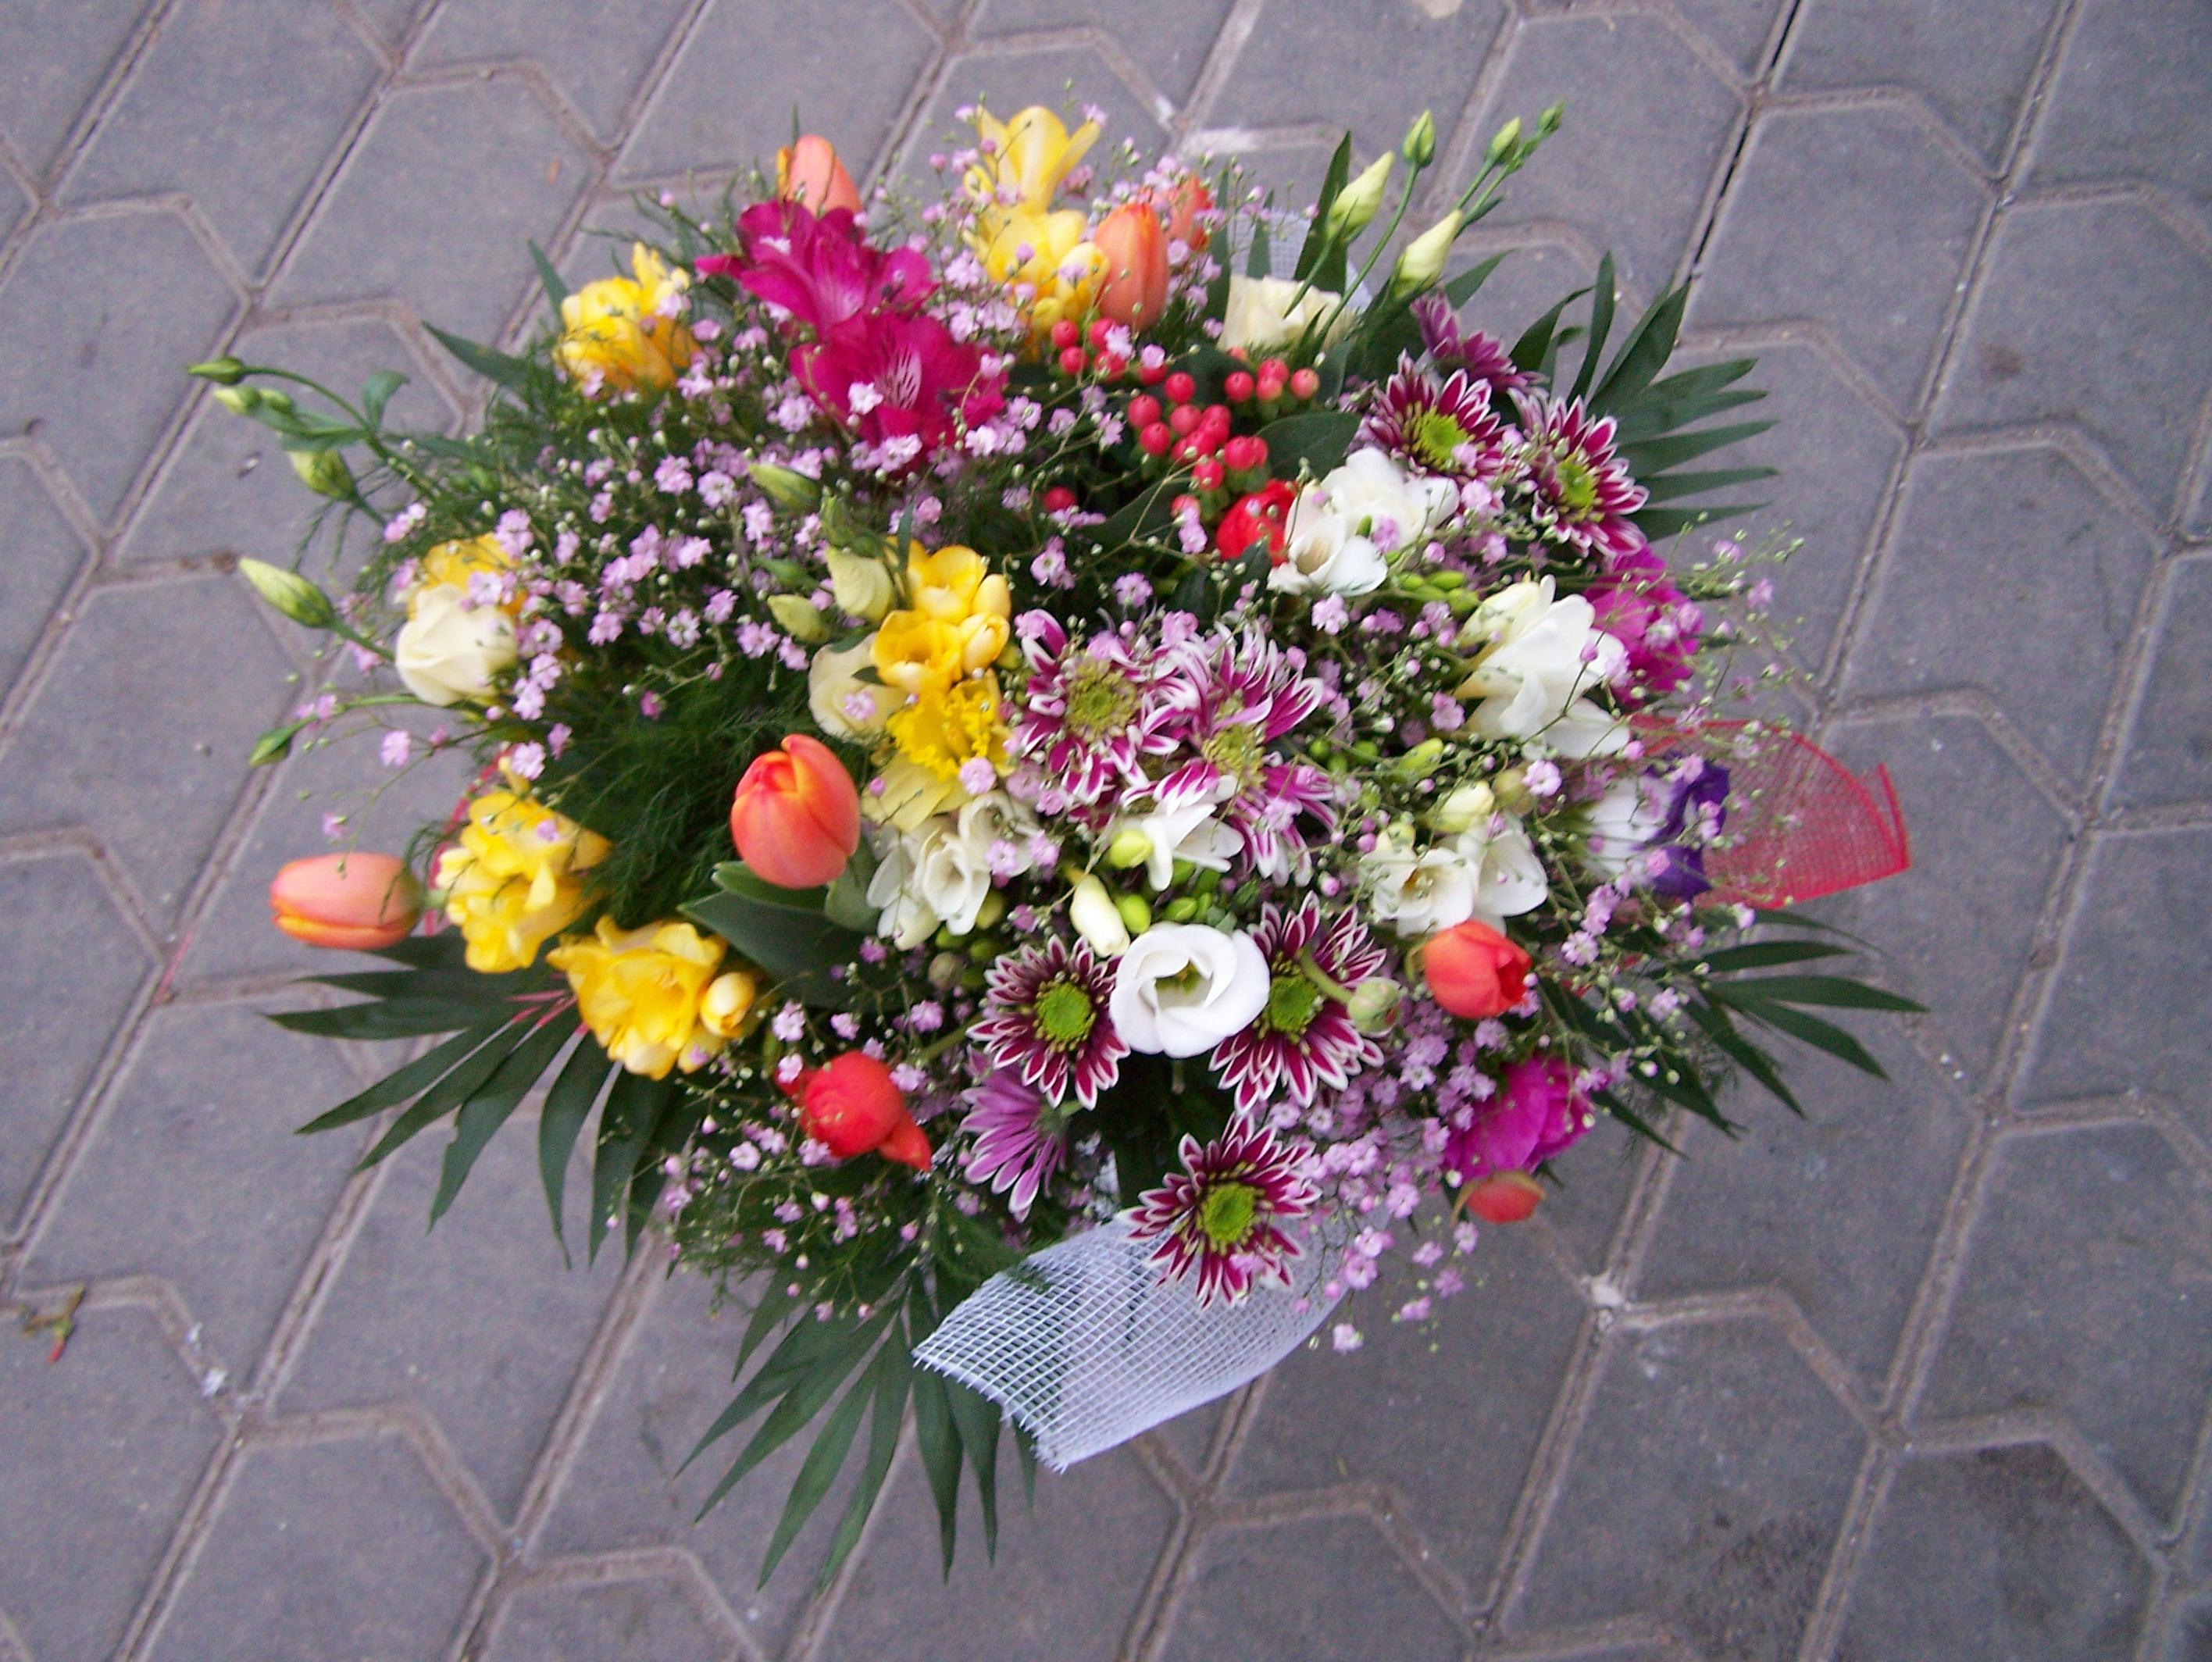 Aranjamente florale - Aranjamente florale